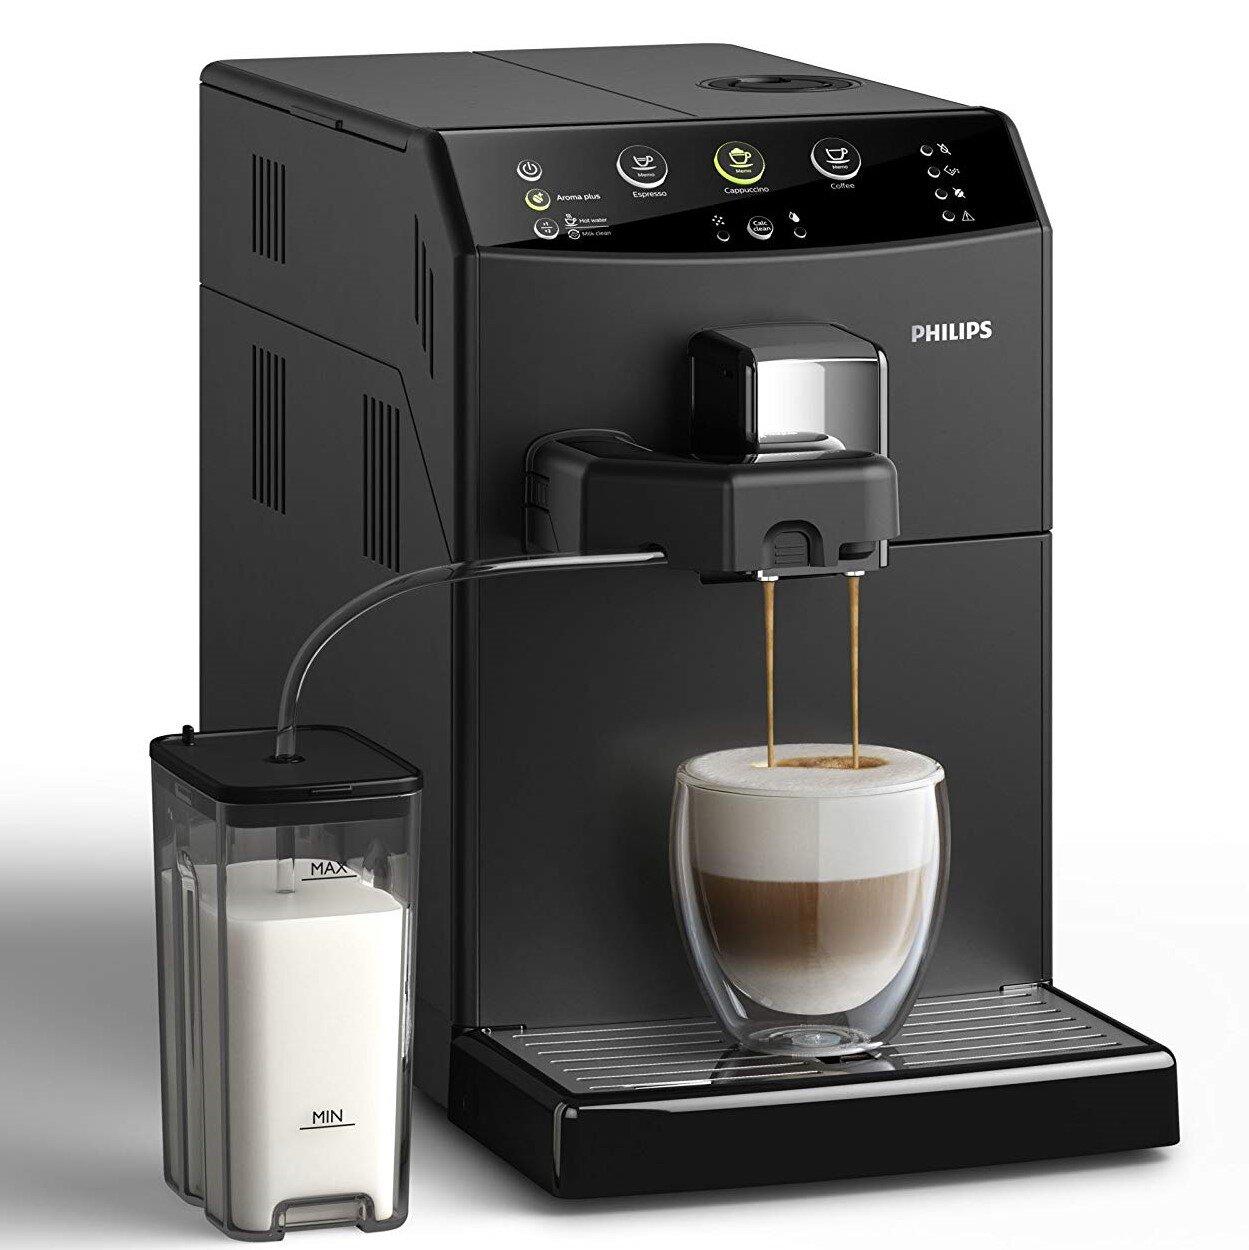 Máy pha cà phê Philips màu đen cá tính mạnh mẽ